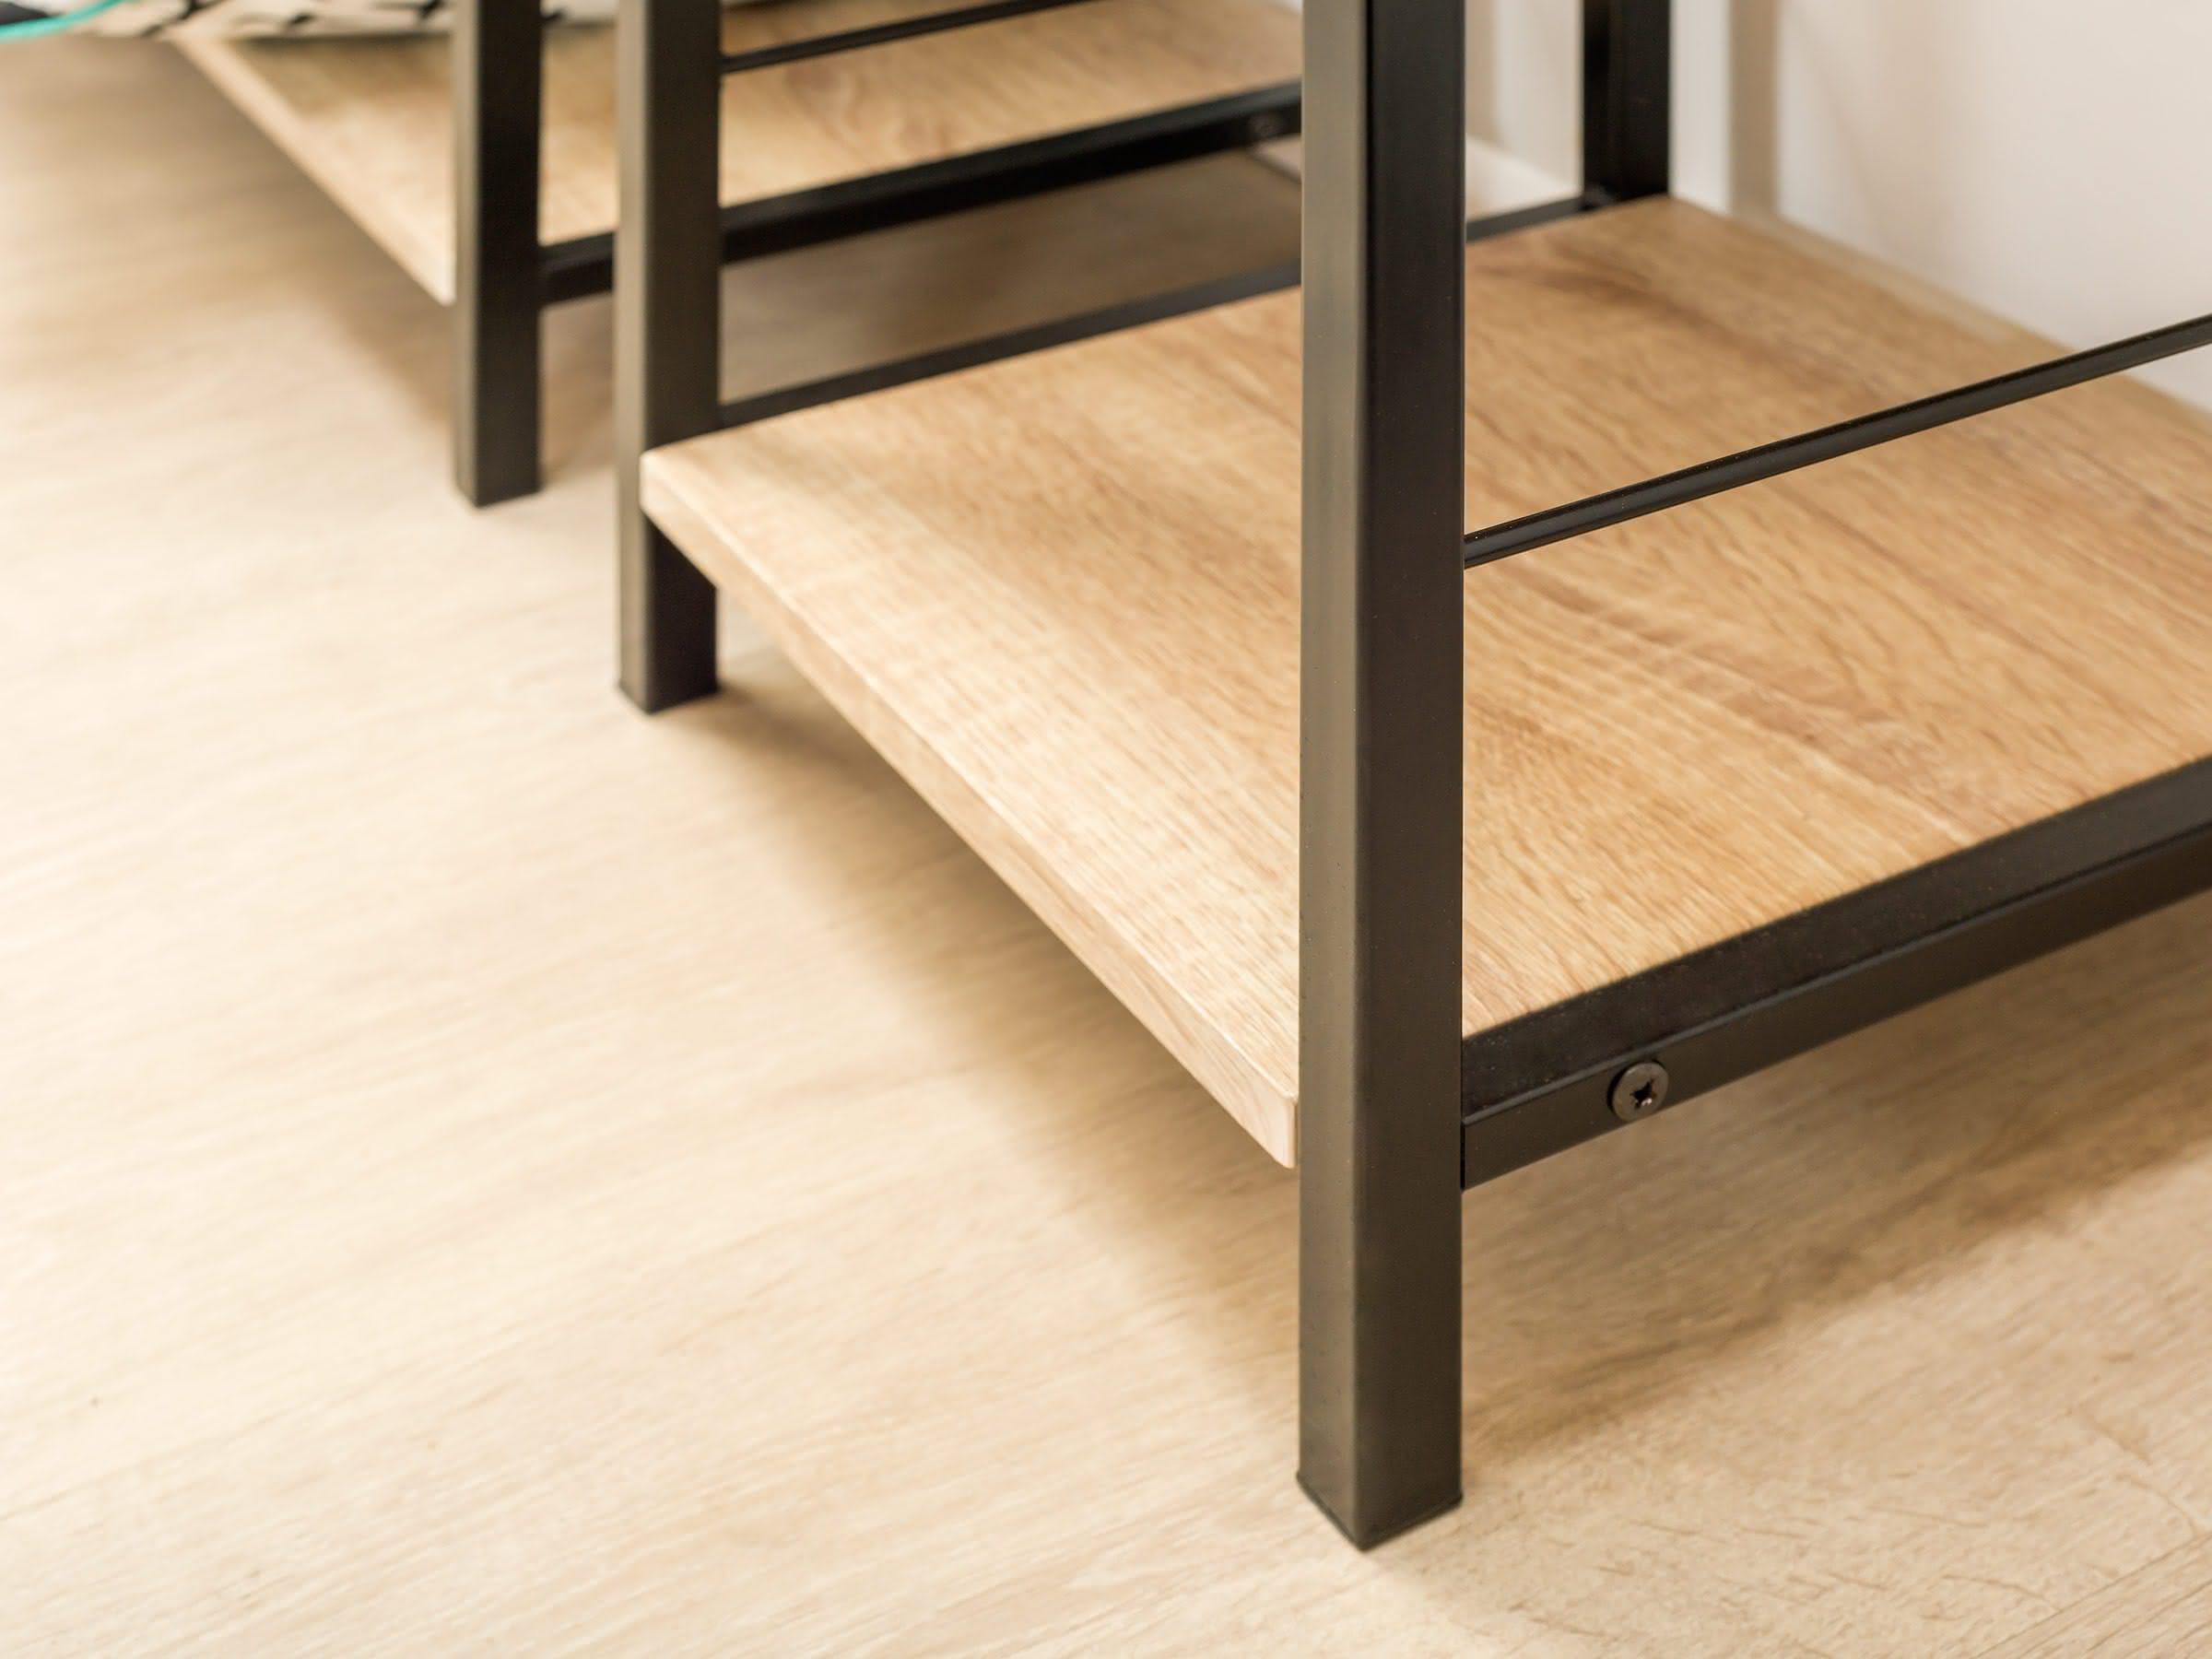 Black Friday Hardwood Floor Deals Of Vigo Shelves Shelving Units Mocka Nz for Vigo Shelves 93 X